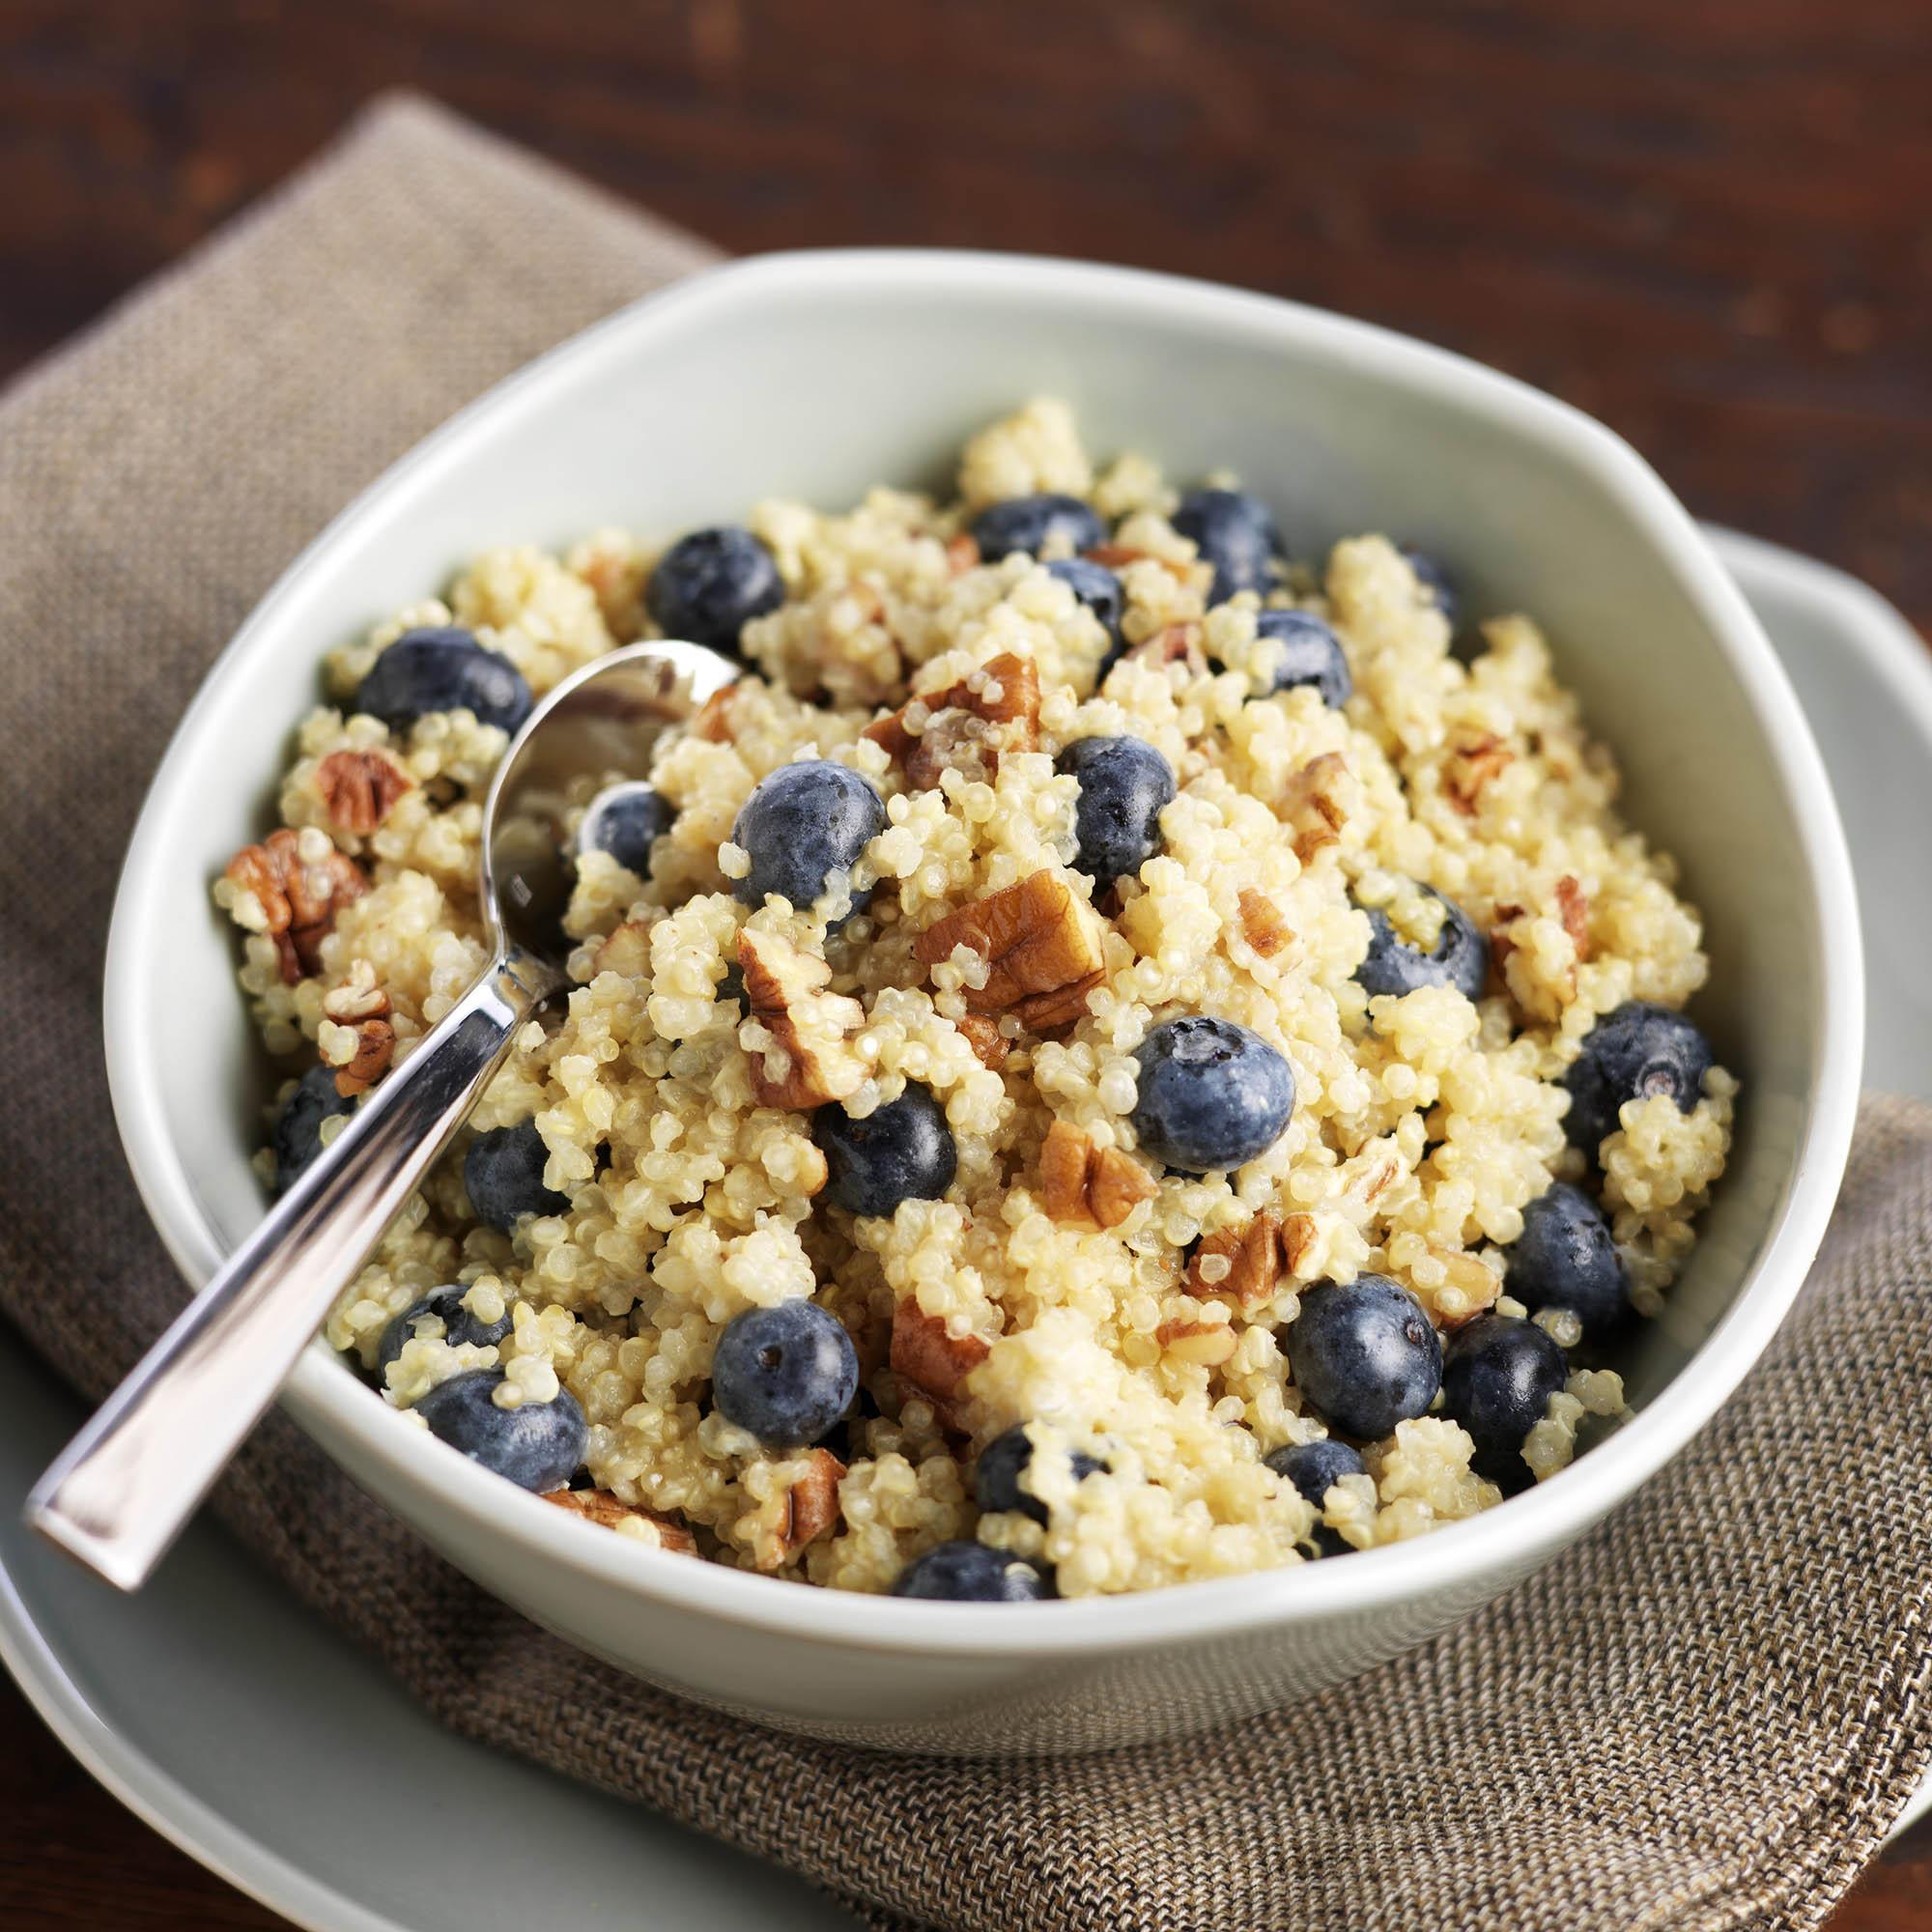 Quinoa Breakfast Cereals  Blueberry Quinoa Breakfast Cereal